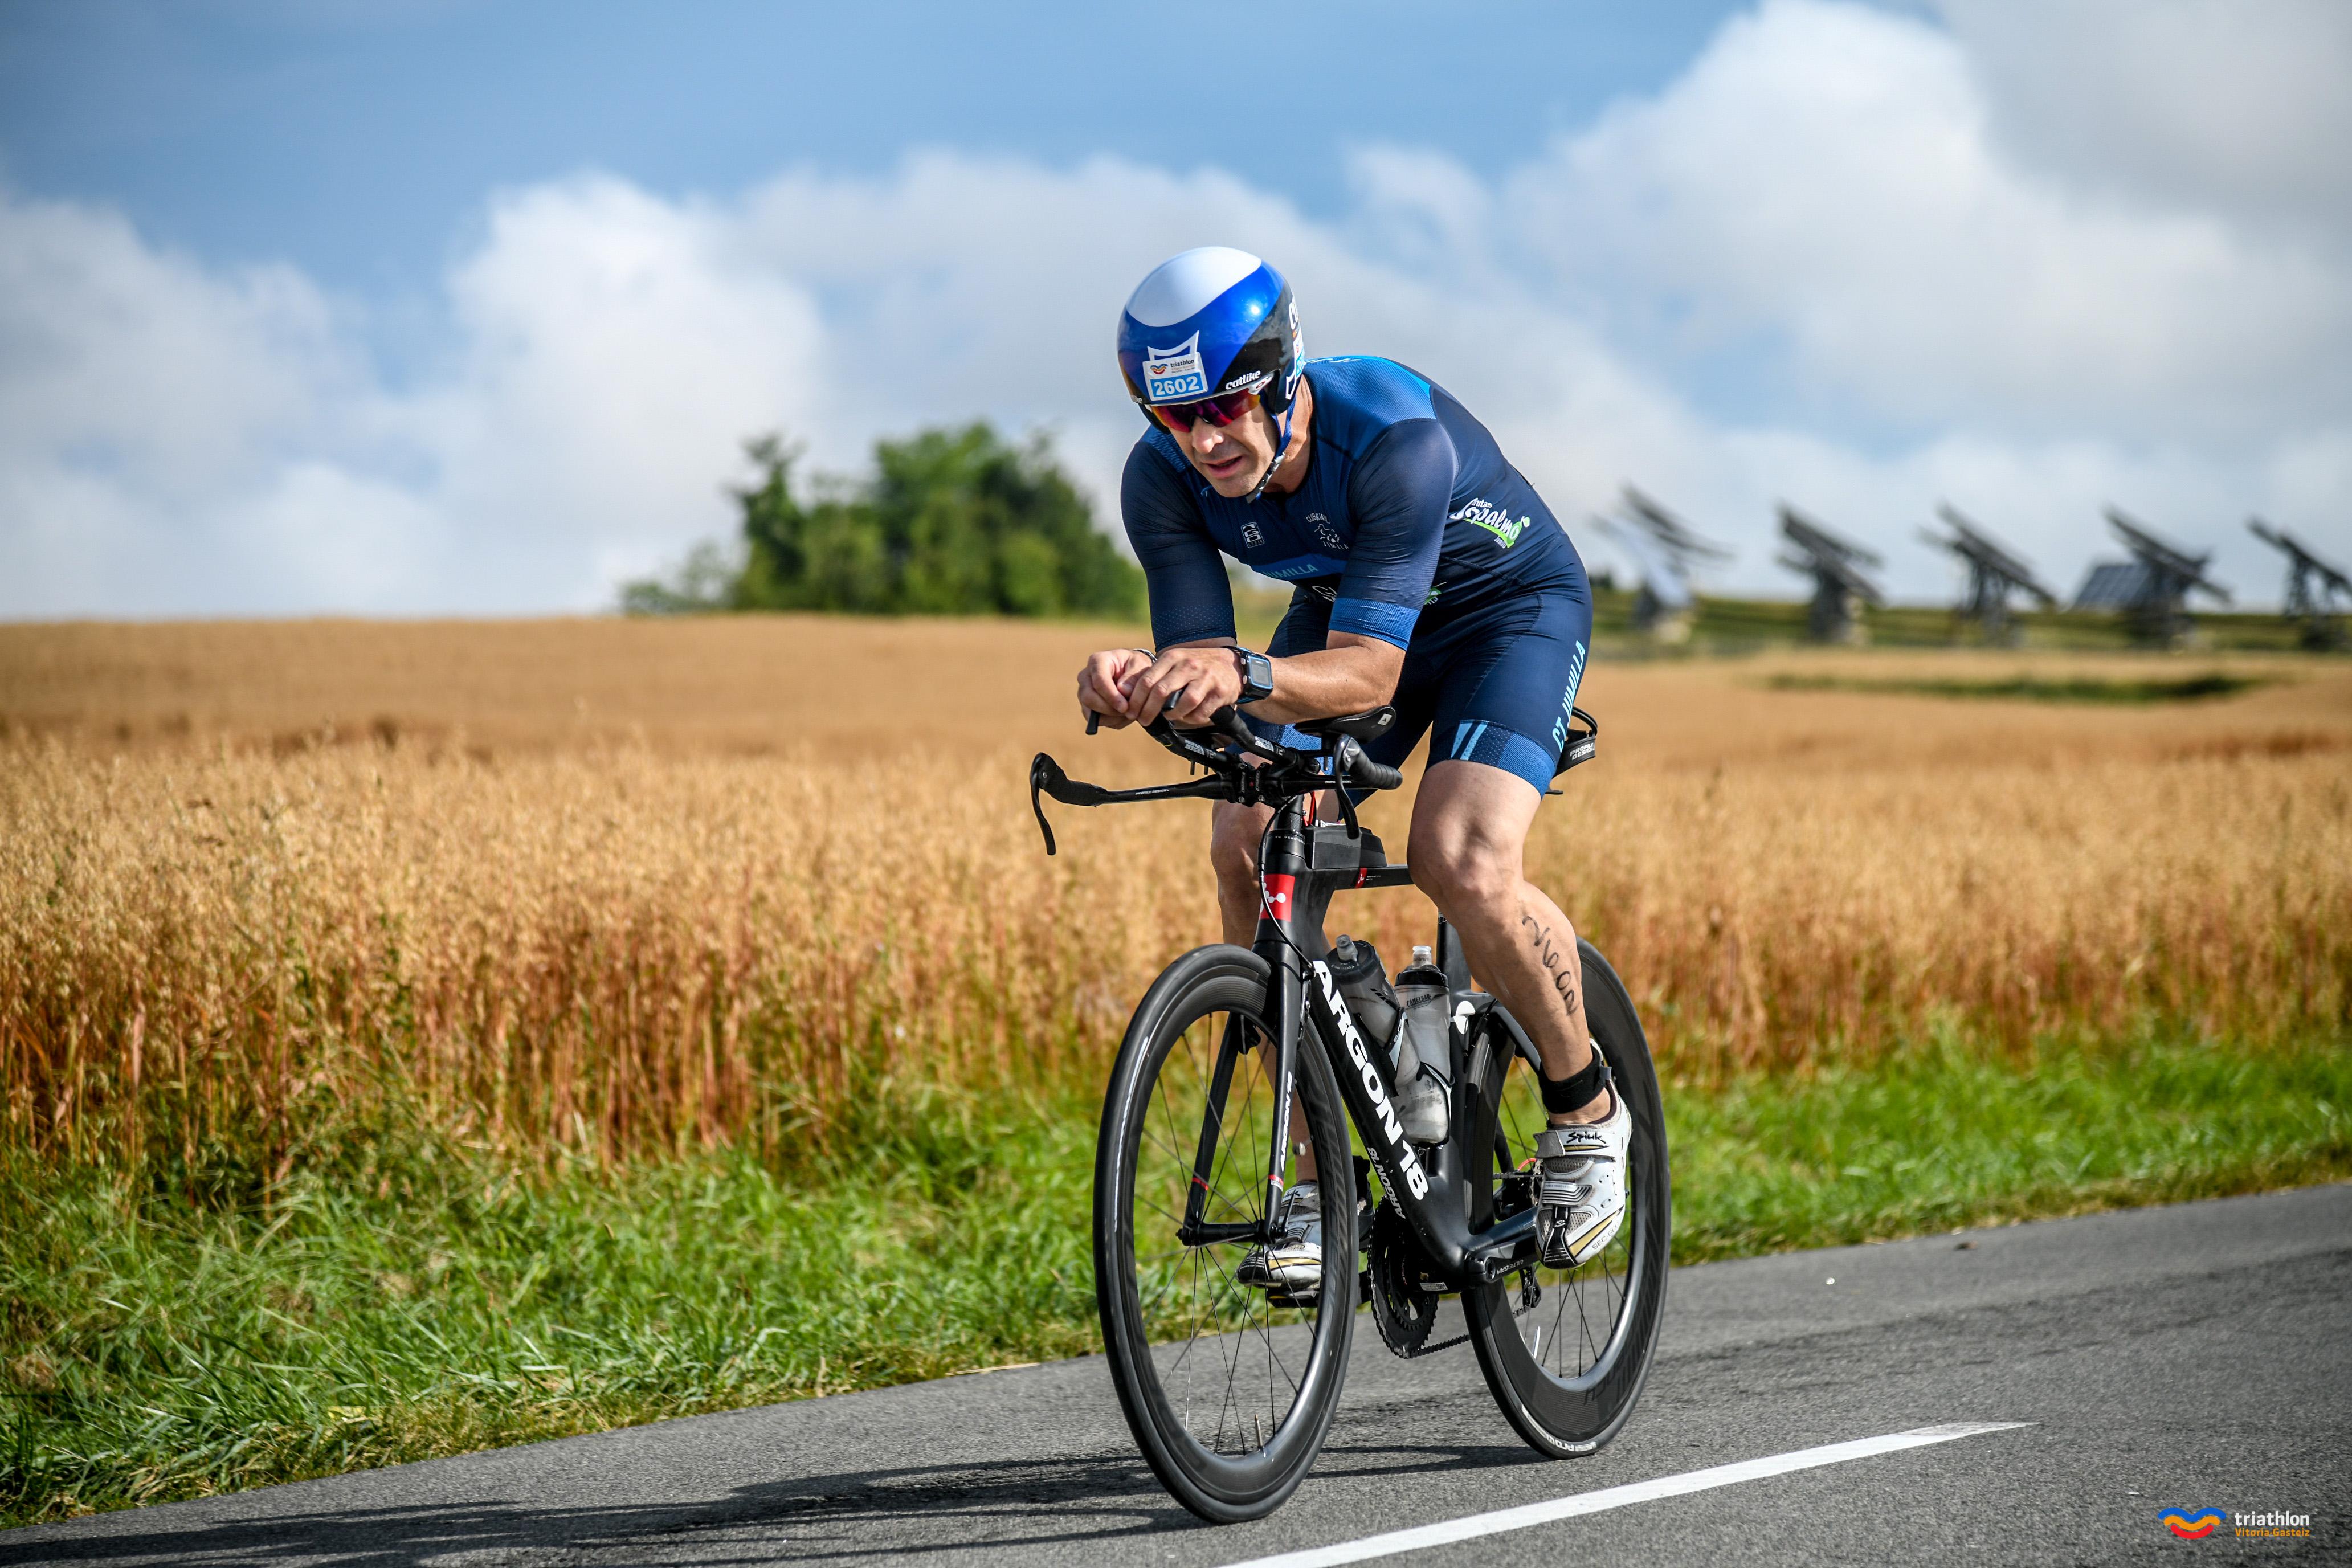 triathlon-vitoria-2018-5738911-53184-851